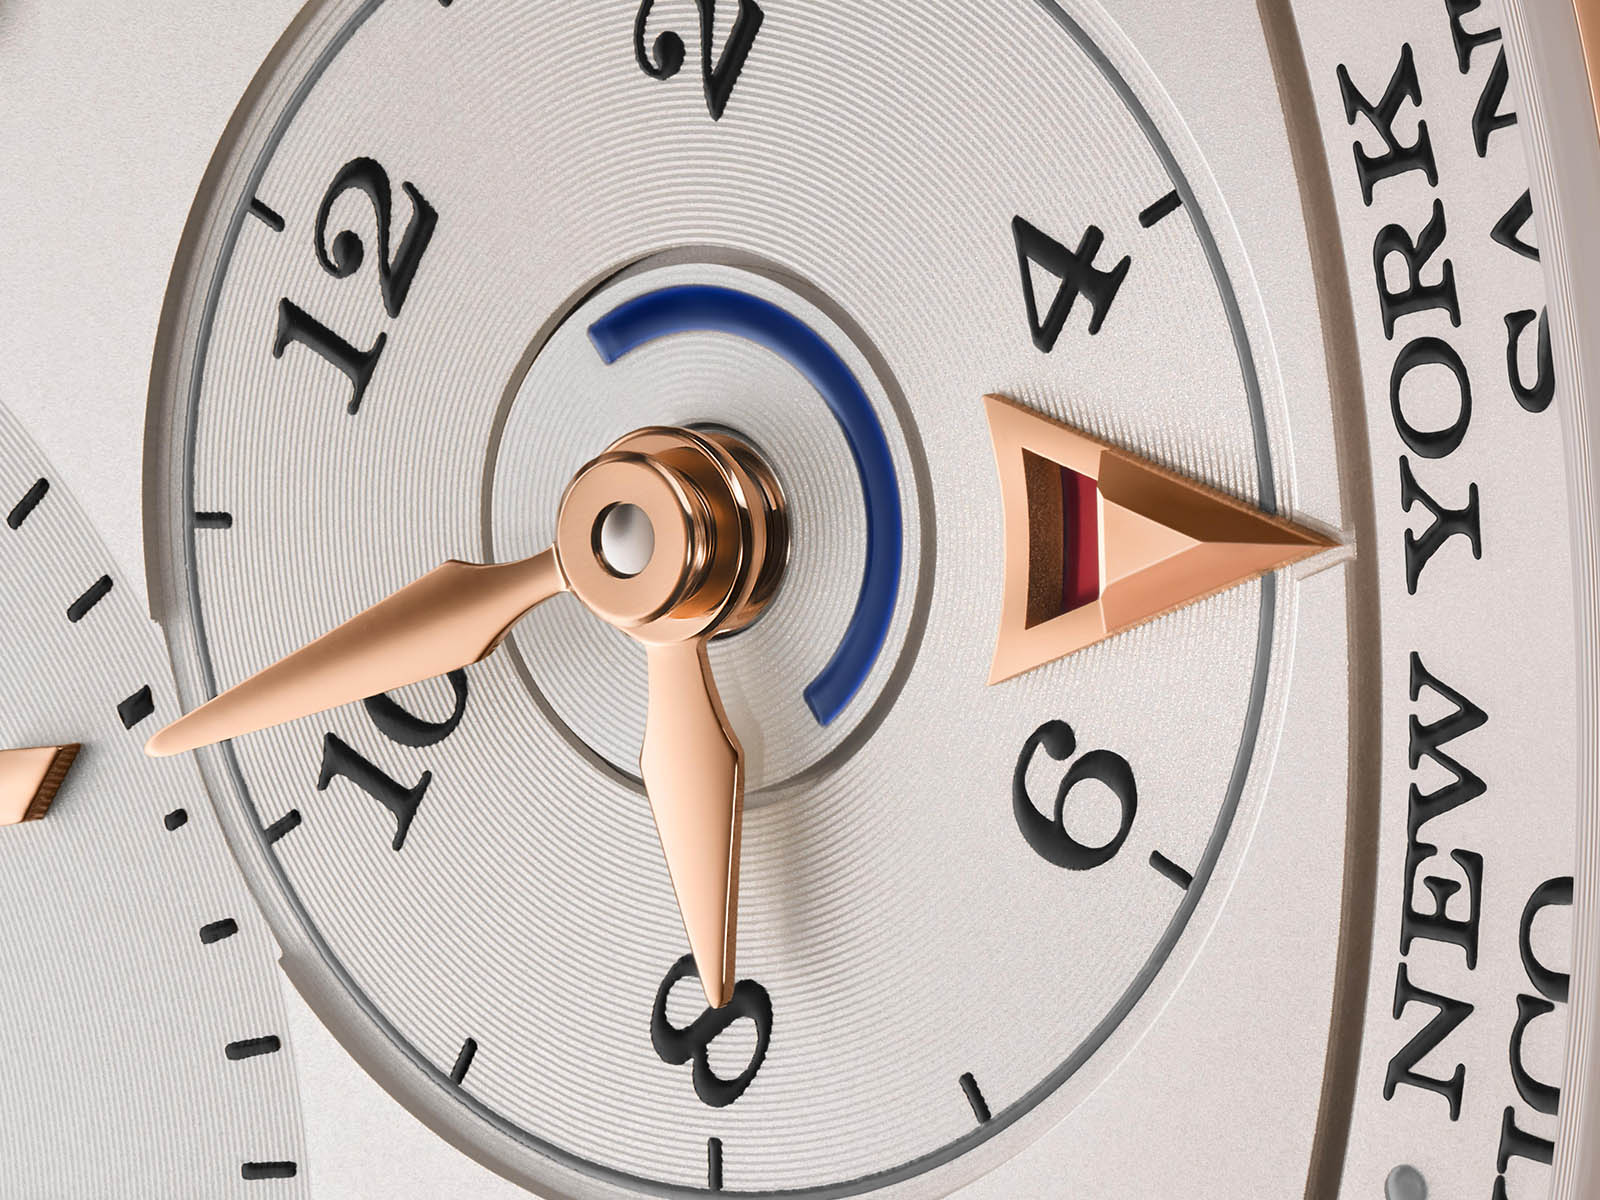 136-032-a-lange-sohne-lange-1-time-zone-5.jpg